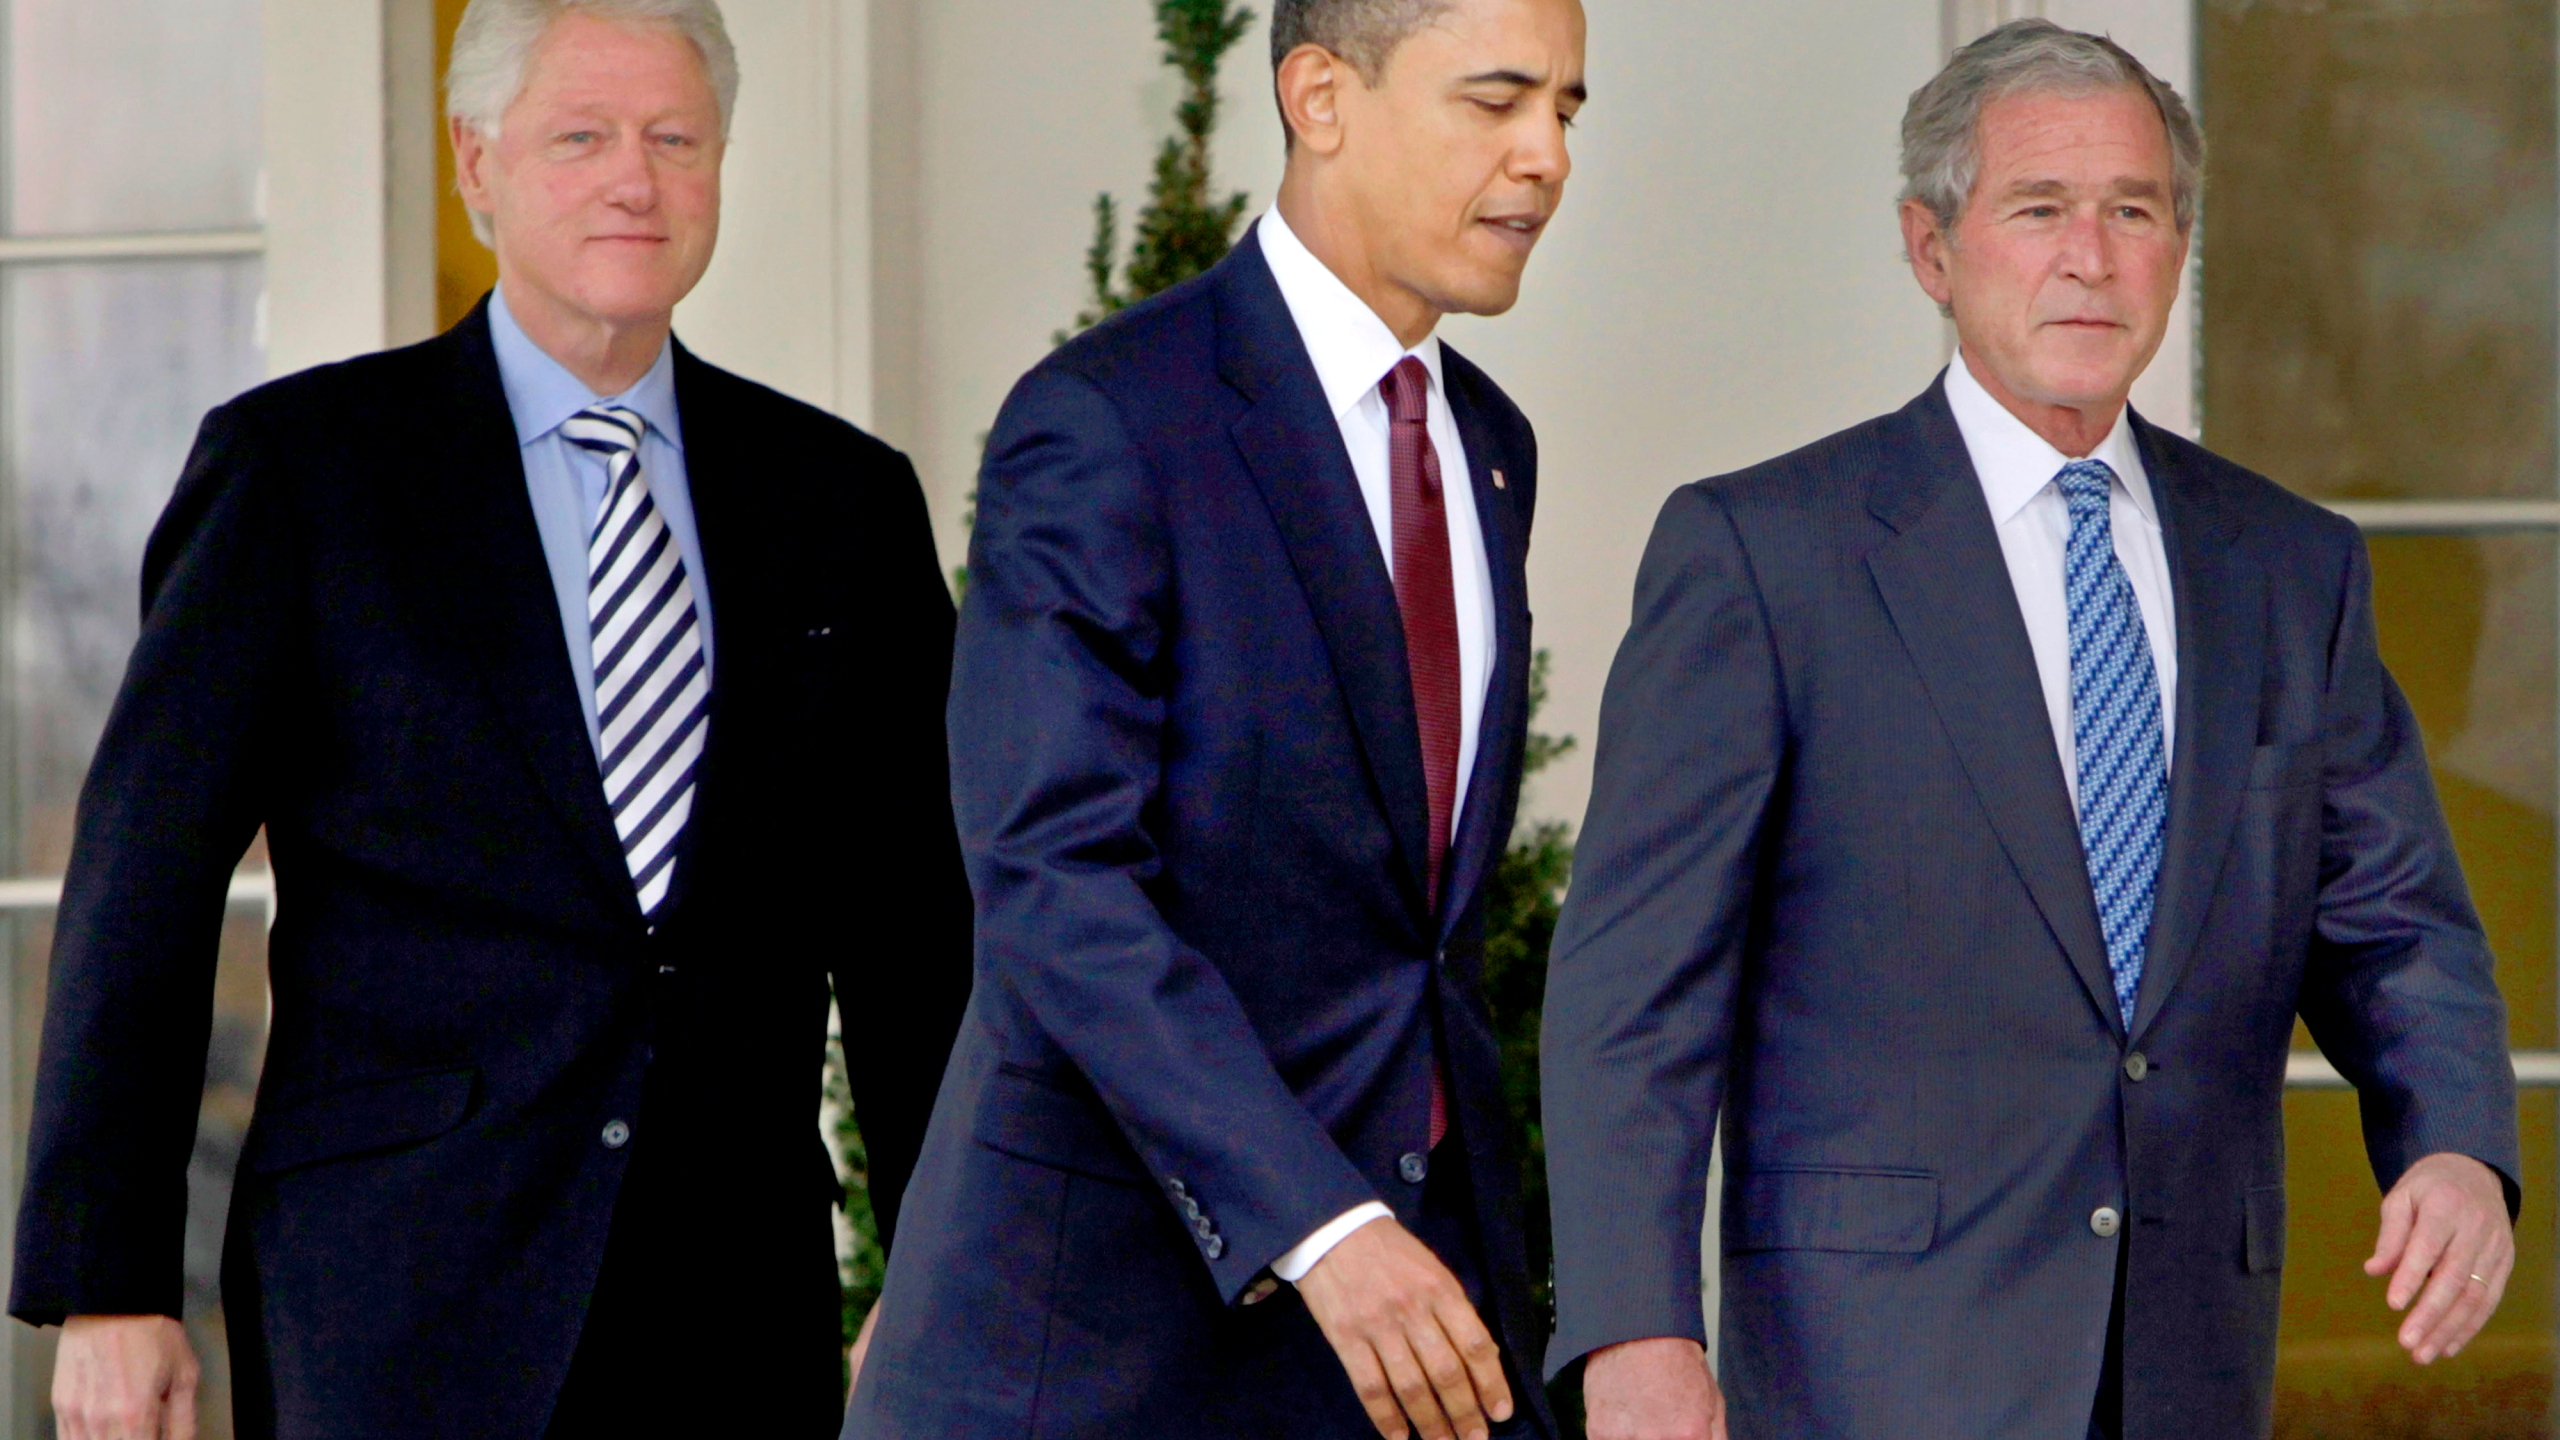 Barack Obama, Bill Clinton, George W. Bush